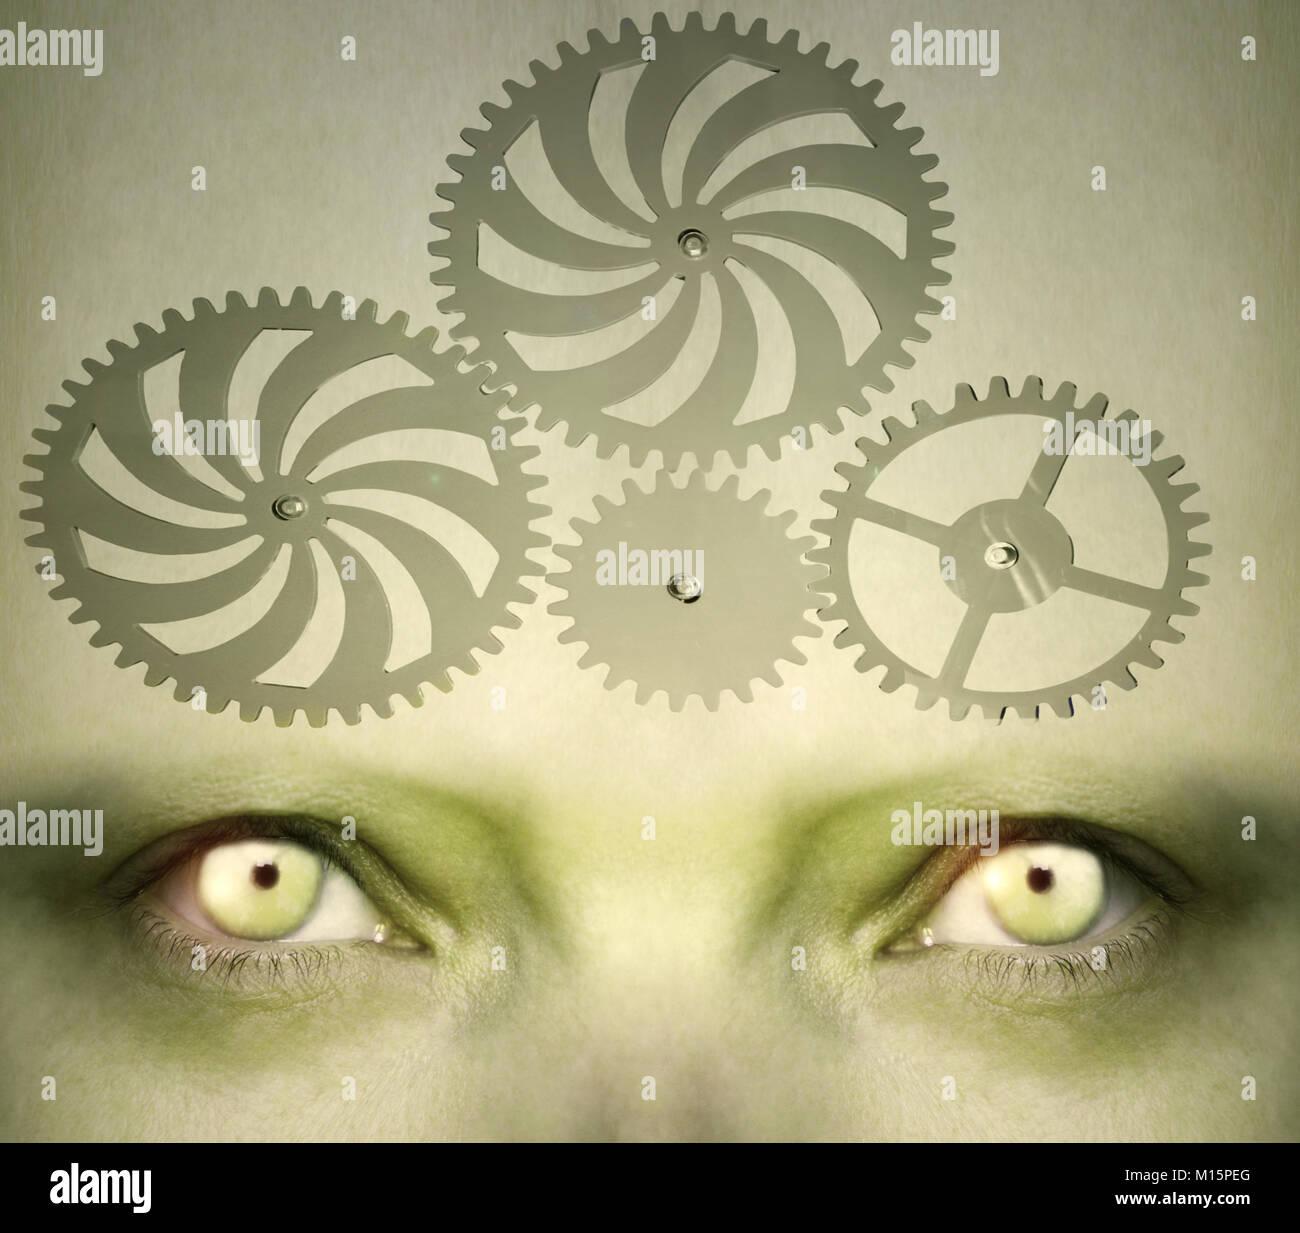 Gli occhi umani con rotismo sulla fronte che rappresenta un concetto astratto della complessità della mente Immagini Stock